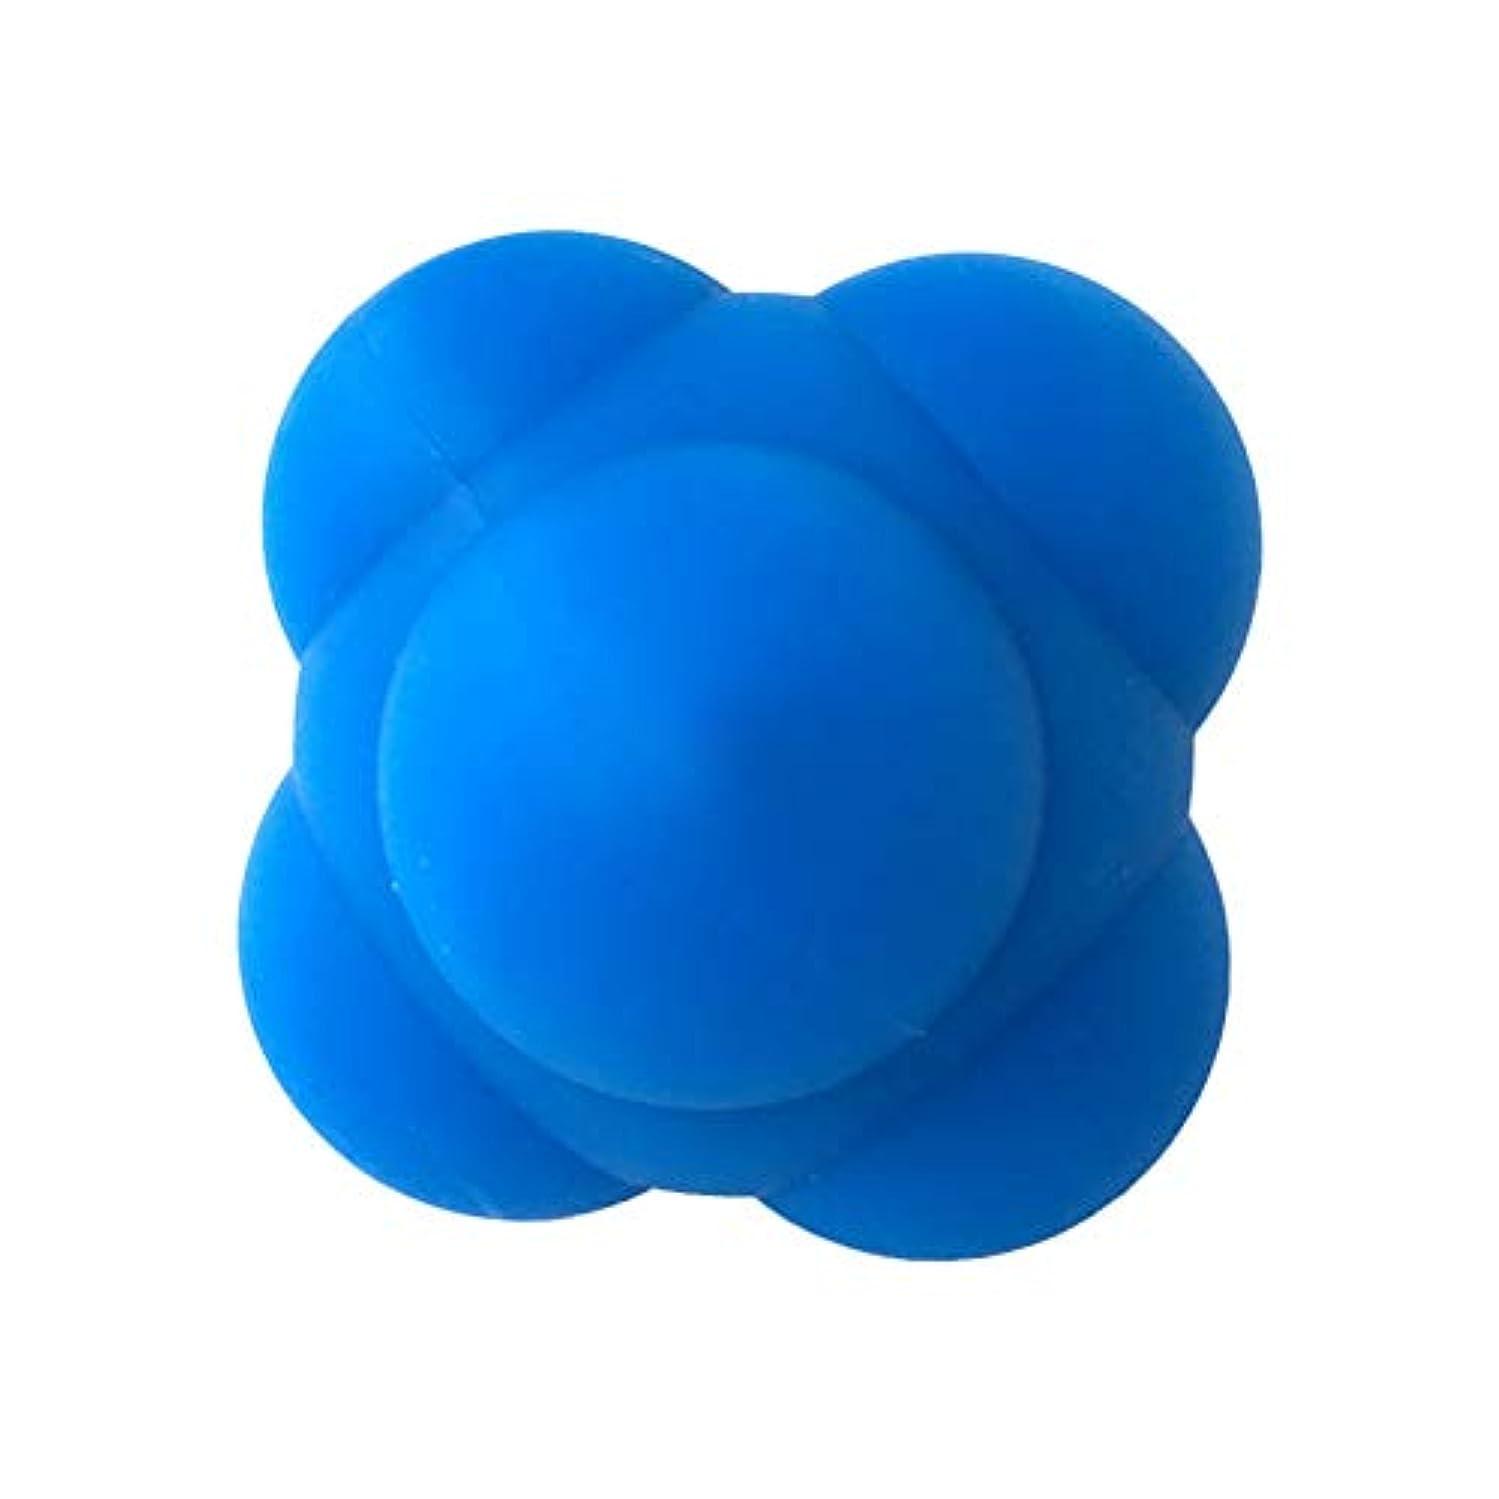 存在欠員タービンHealifty シリコントレーニングボールフィットネスリアクションエクササイズボール速さと敏捷性トレーニングボール(青/ 6cm)